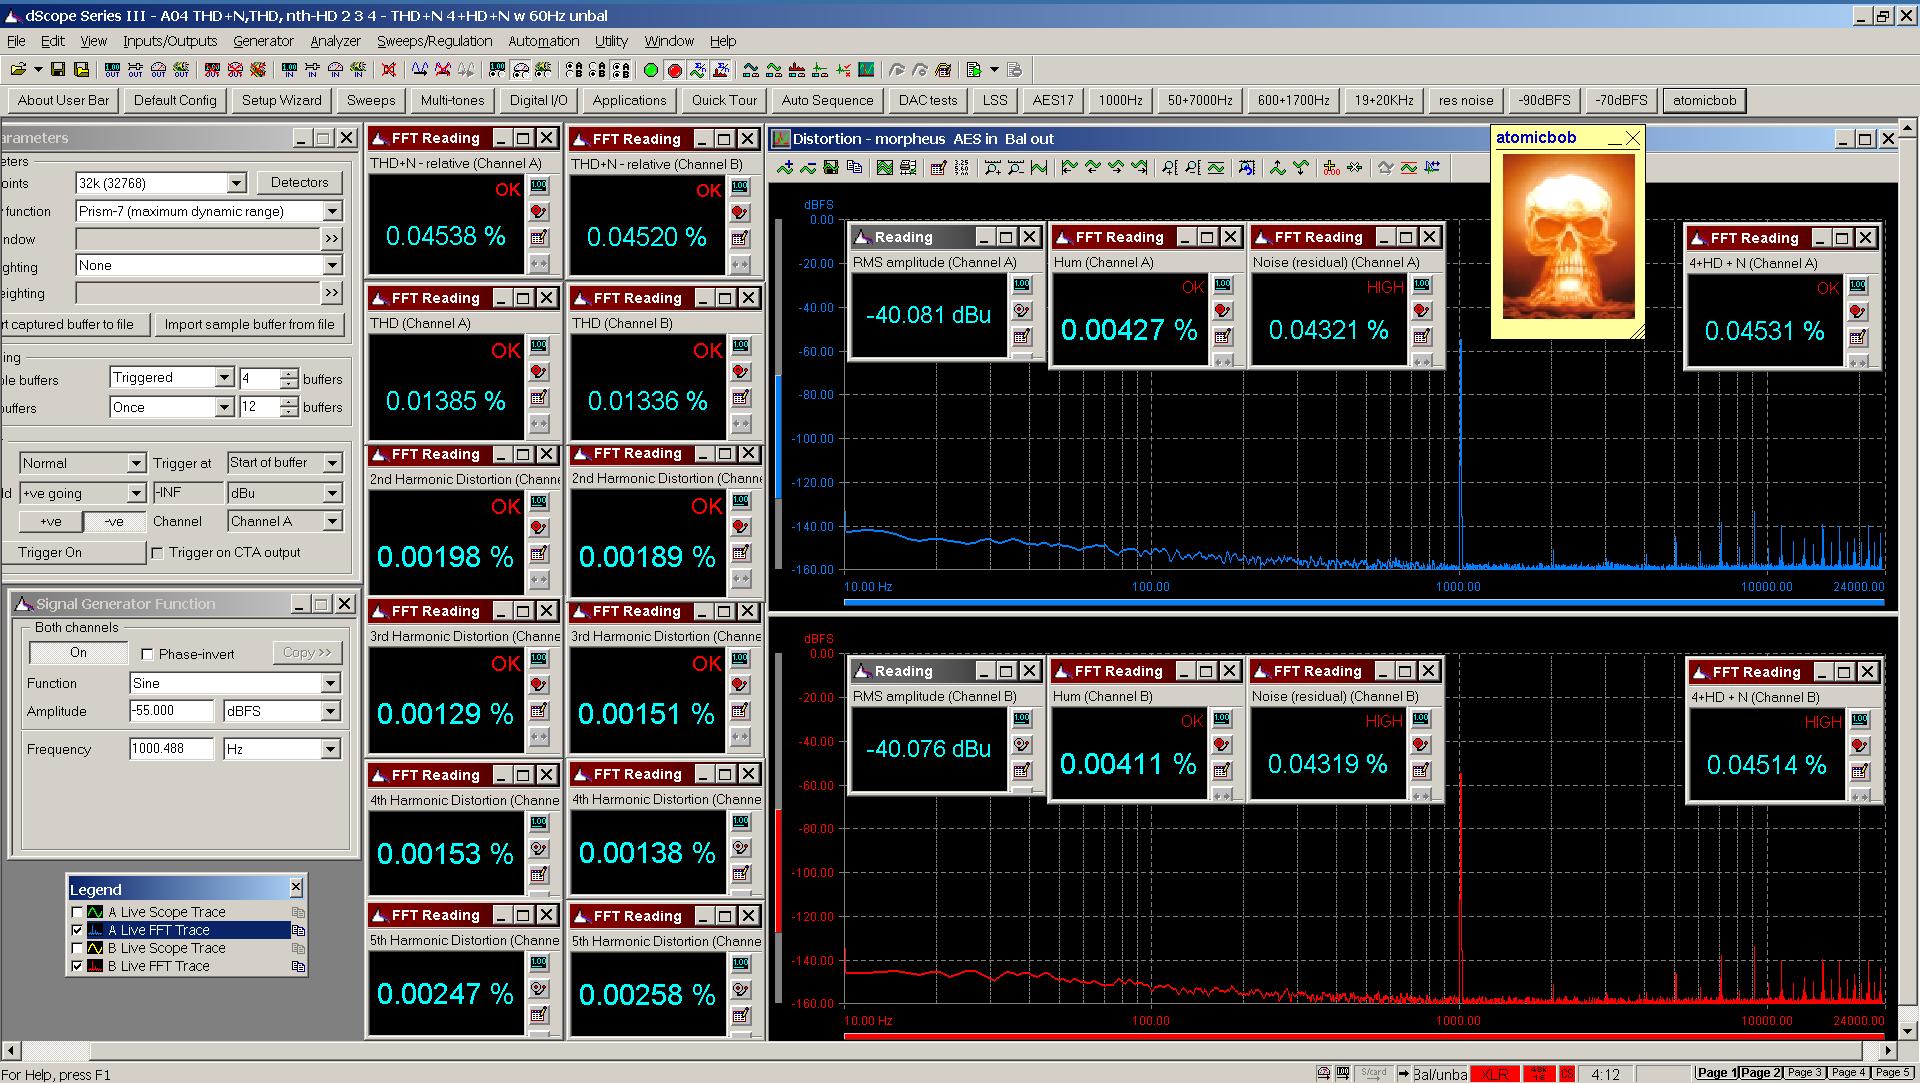 20200723 morpheus A04 THD+N THD nth-HD 4+HD+N 60Hz FFT Bal -55dBFS - AES.png